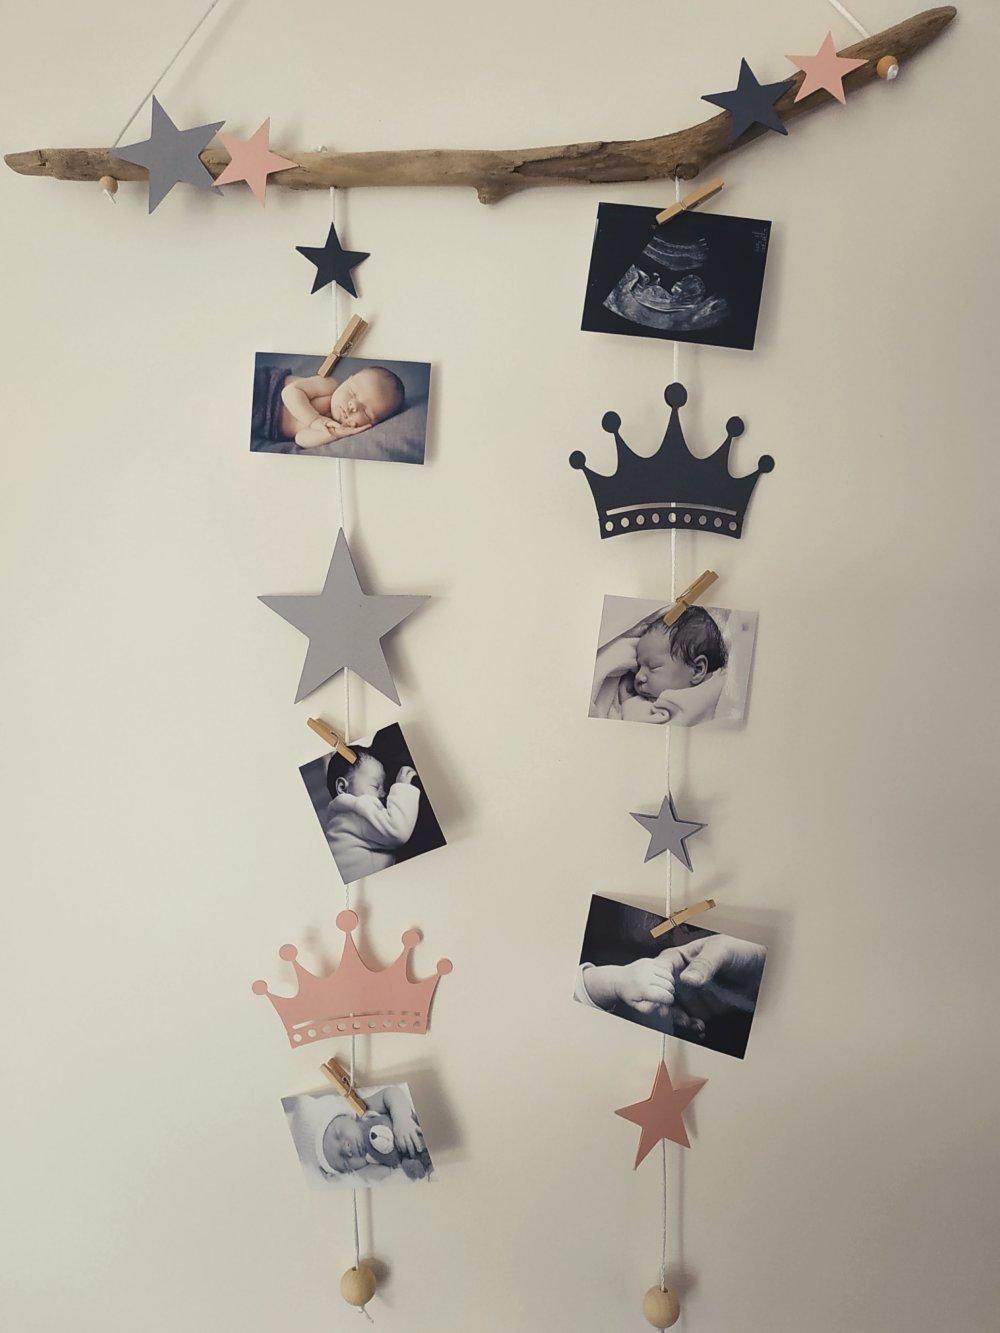 Idée Cadeau Baby Shower pêle mêle, mobile porte photos bois flotté idée cadeau liste naissance  chambre bébé baby shower princesse couronne étoiles